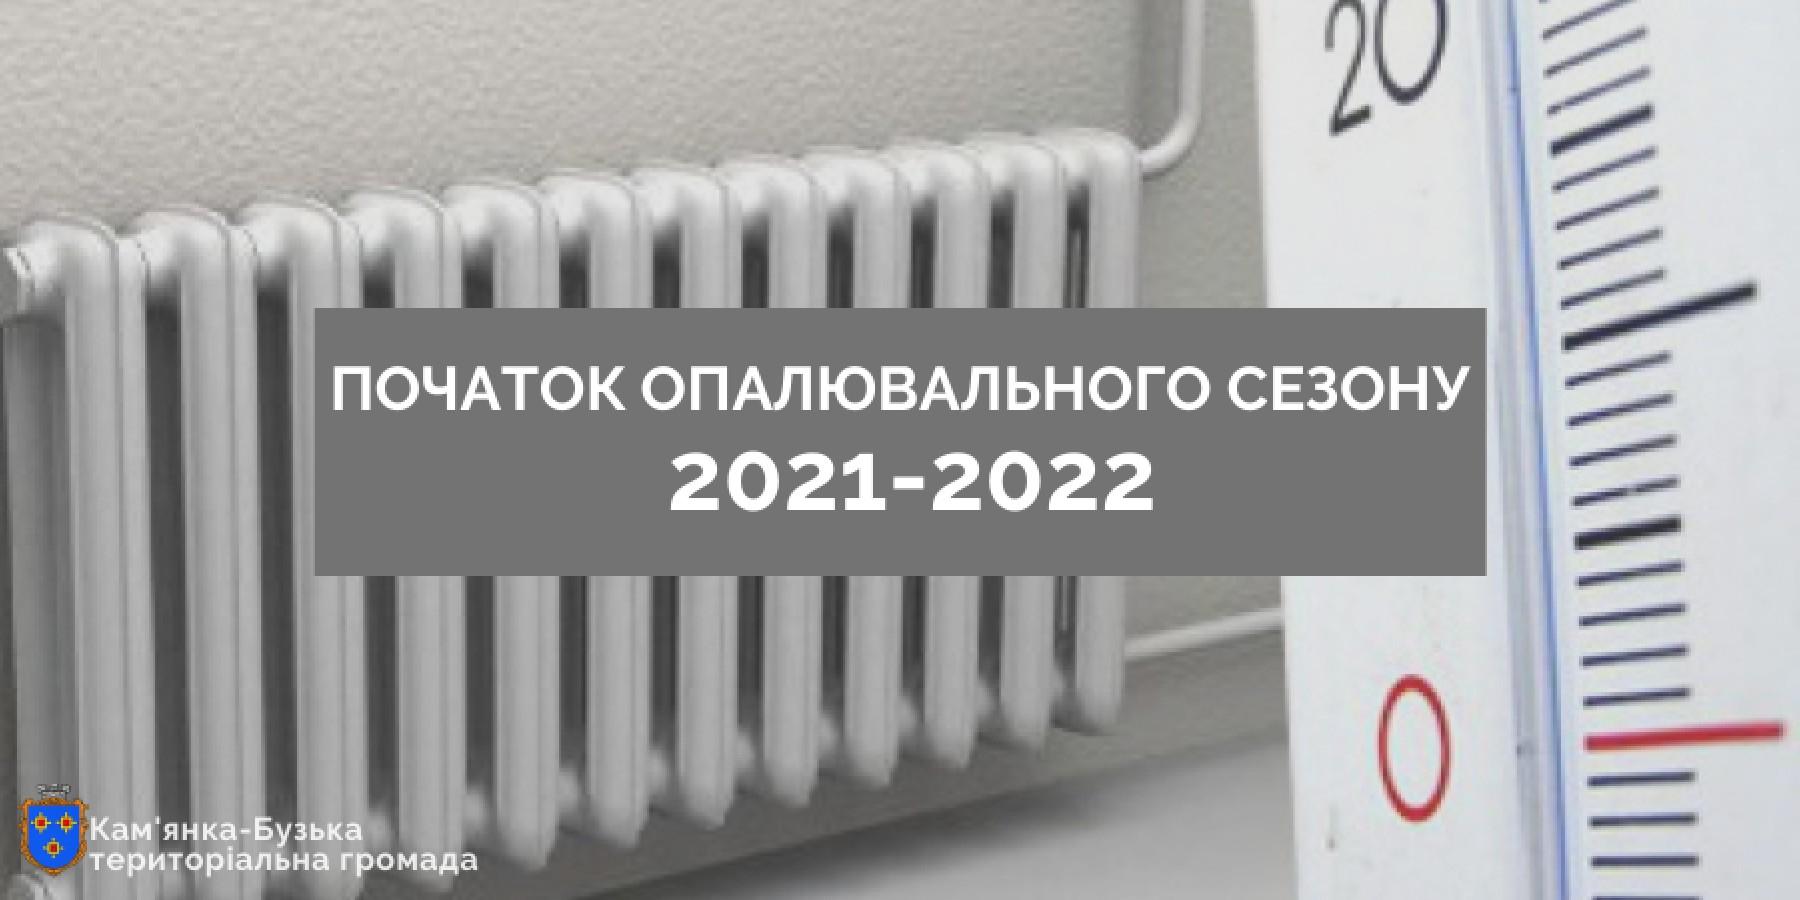 Початок опалювального сезону 2021-2022 років!